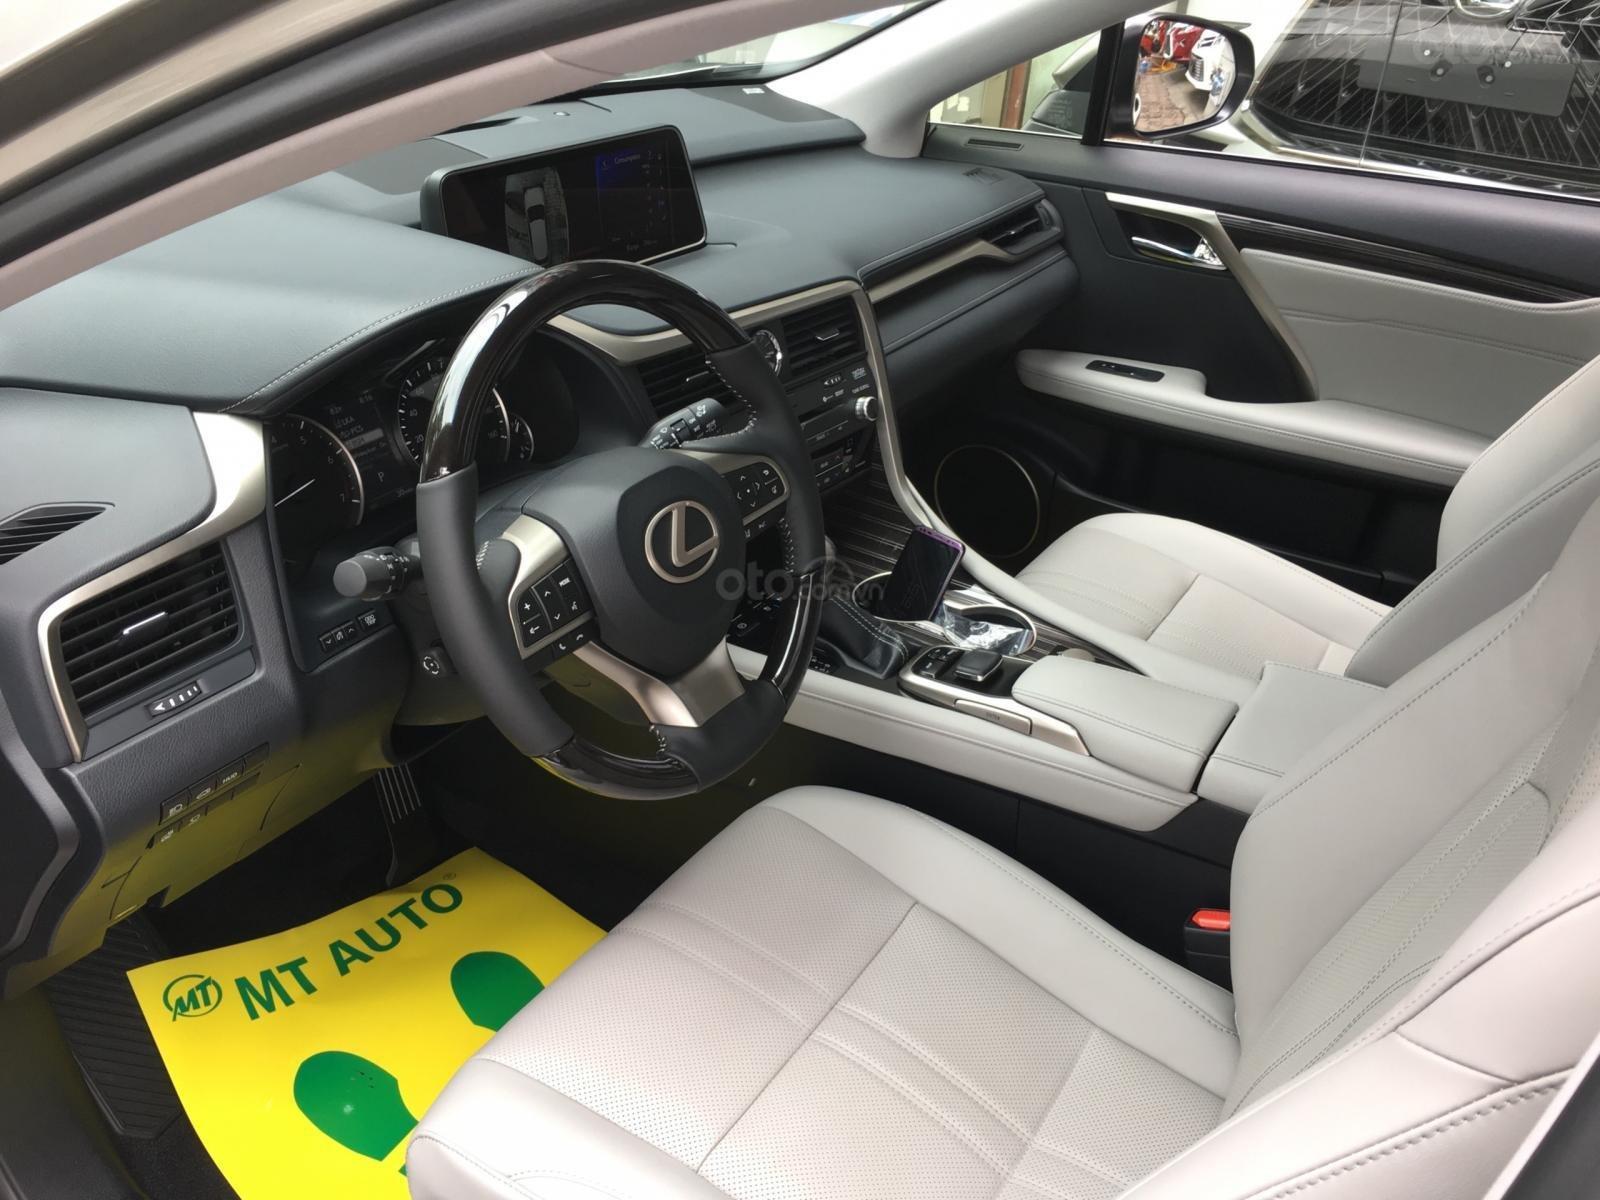 Bán Lexus RX 350L sản xuất 2019, nhập Mỹ, giá tốt, giao ngay toàn quốc. LH: 093.996.2368 Ms Ngọc Vy (21)